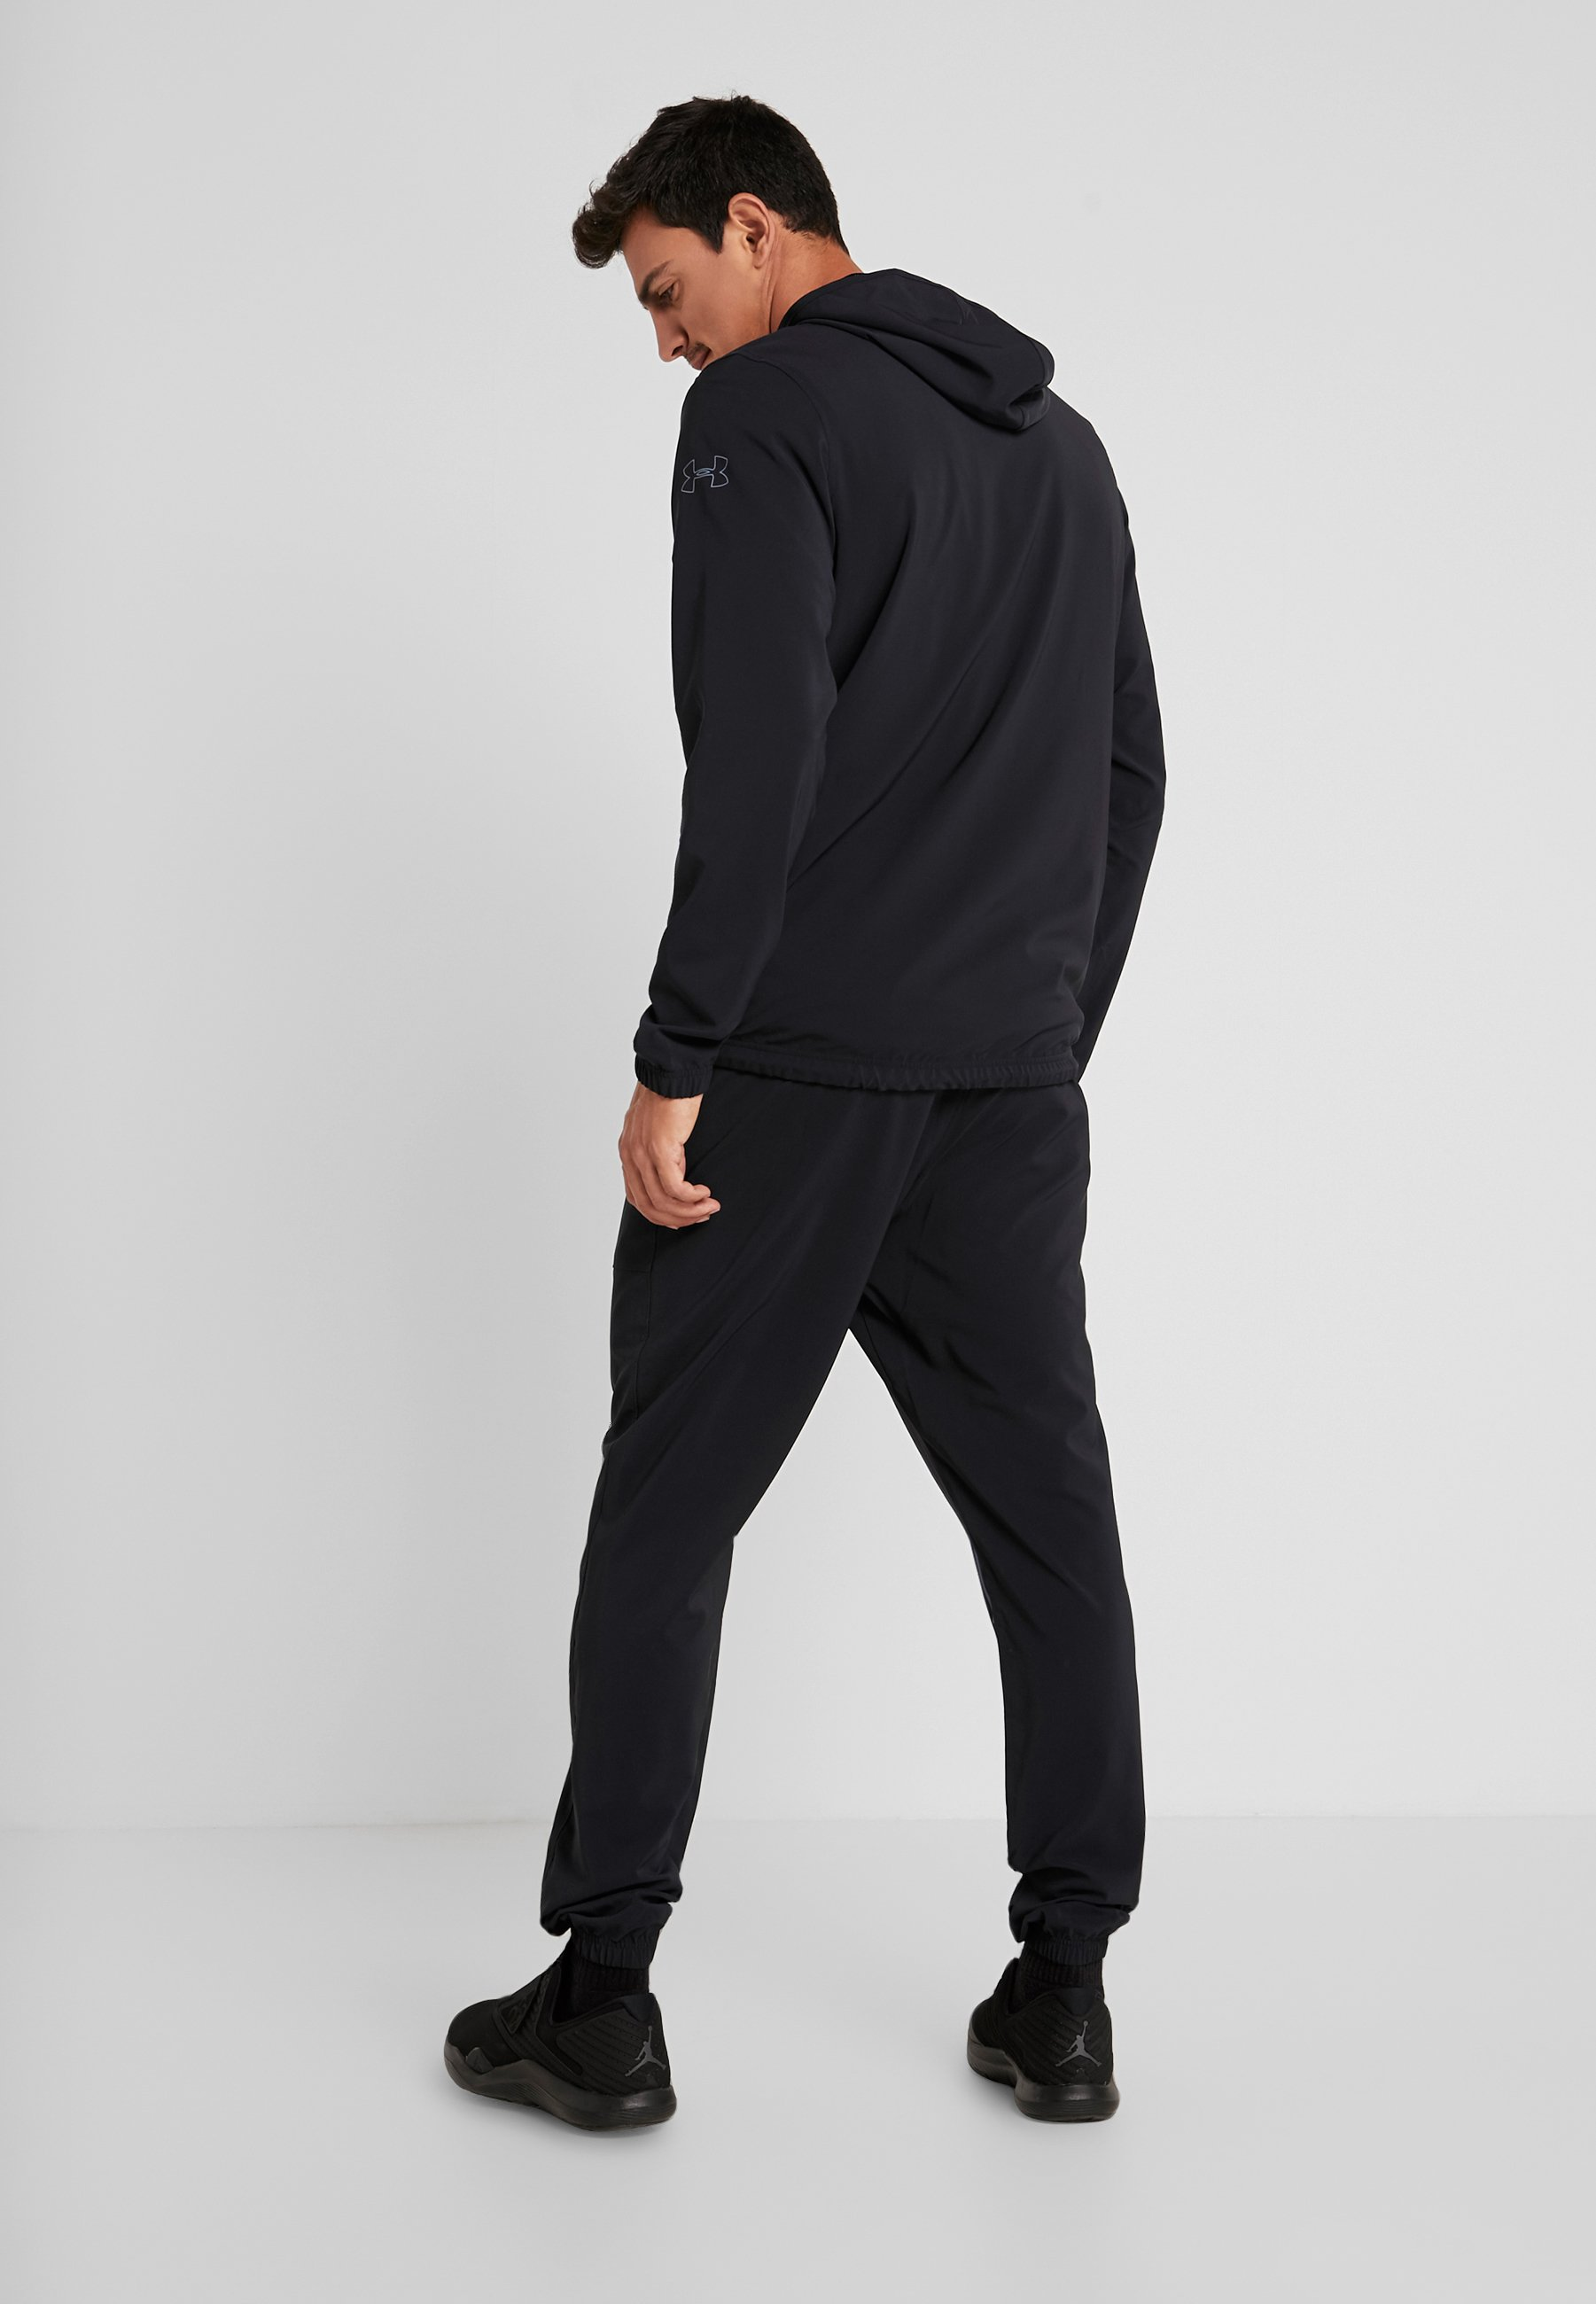 ash Gray JoggerPantalon De Baseline Black Survêtement Armour Under 6gf7yb